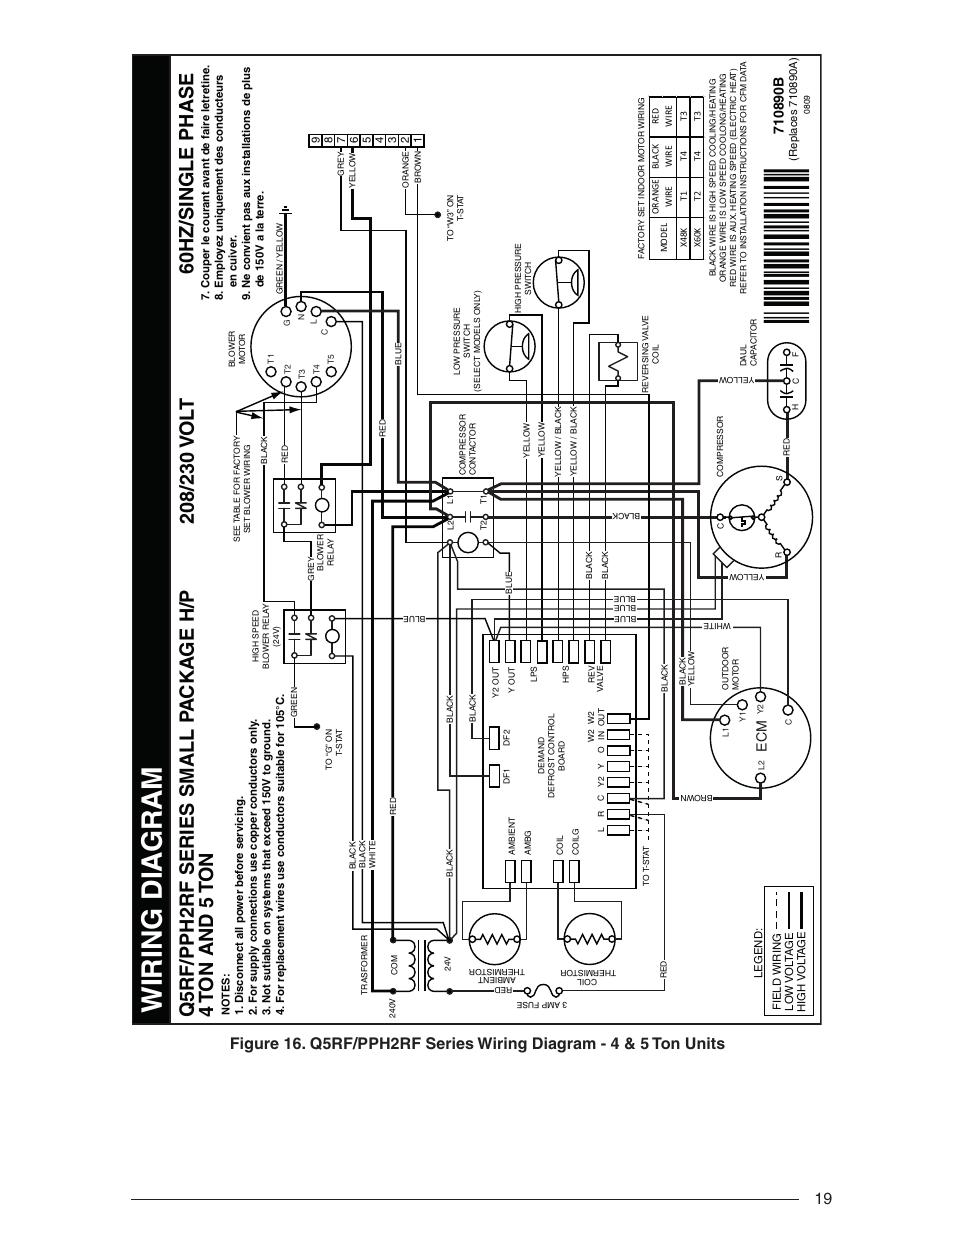 hight resolution of singer heat pump wiring diagram miller heat pump wiring diagram bard heat pump wiring